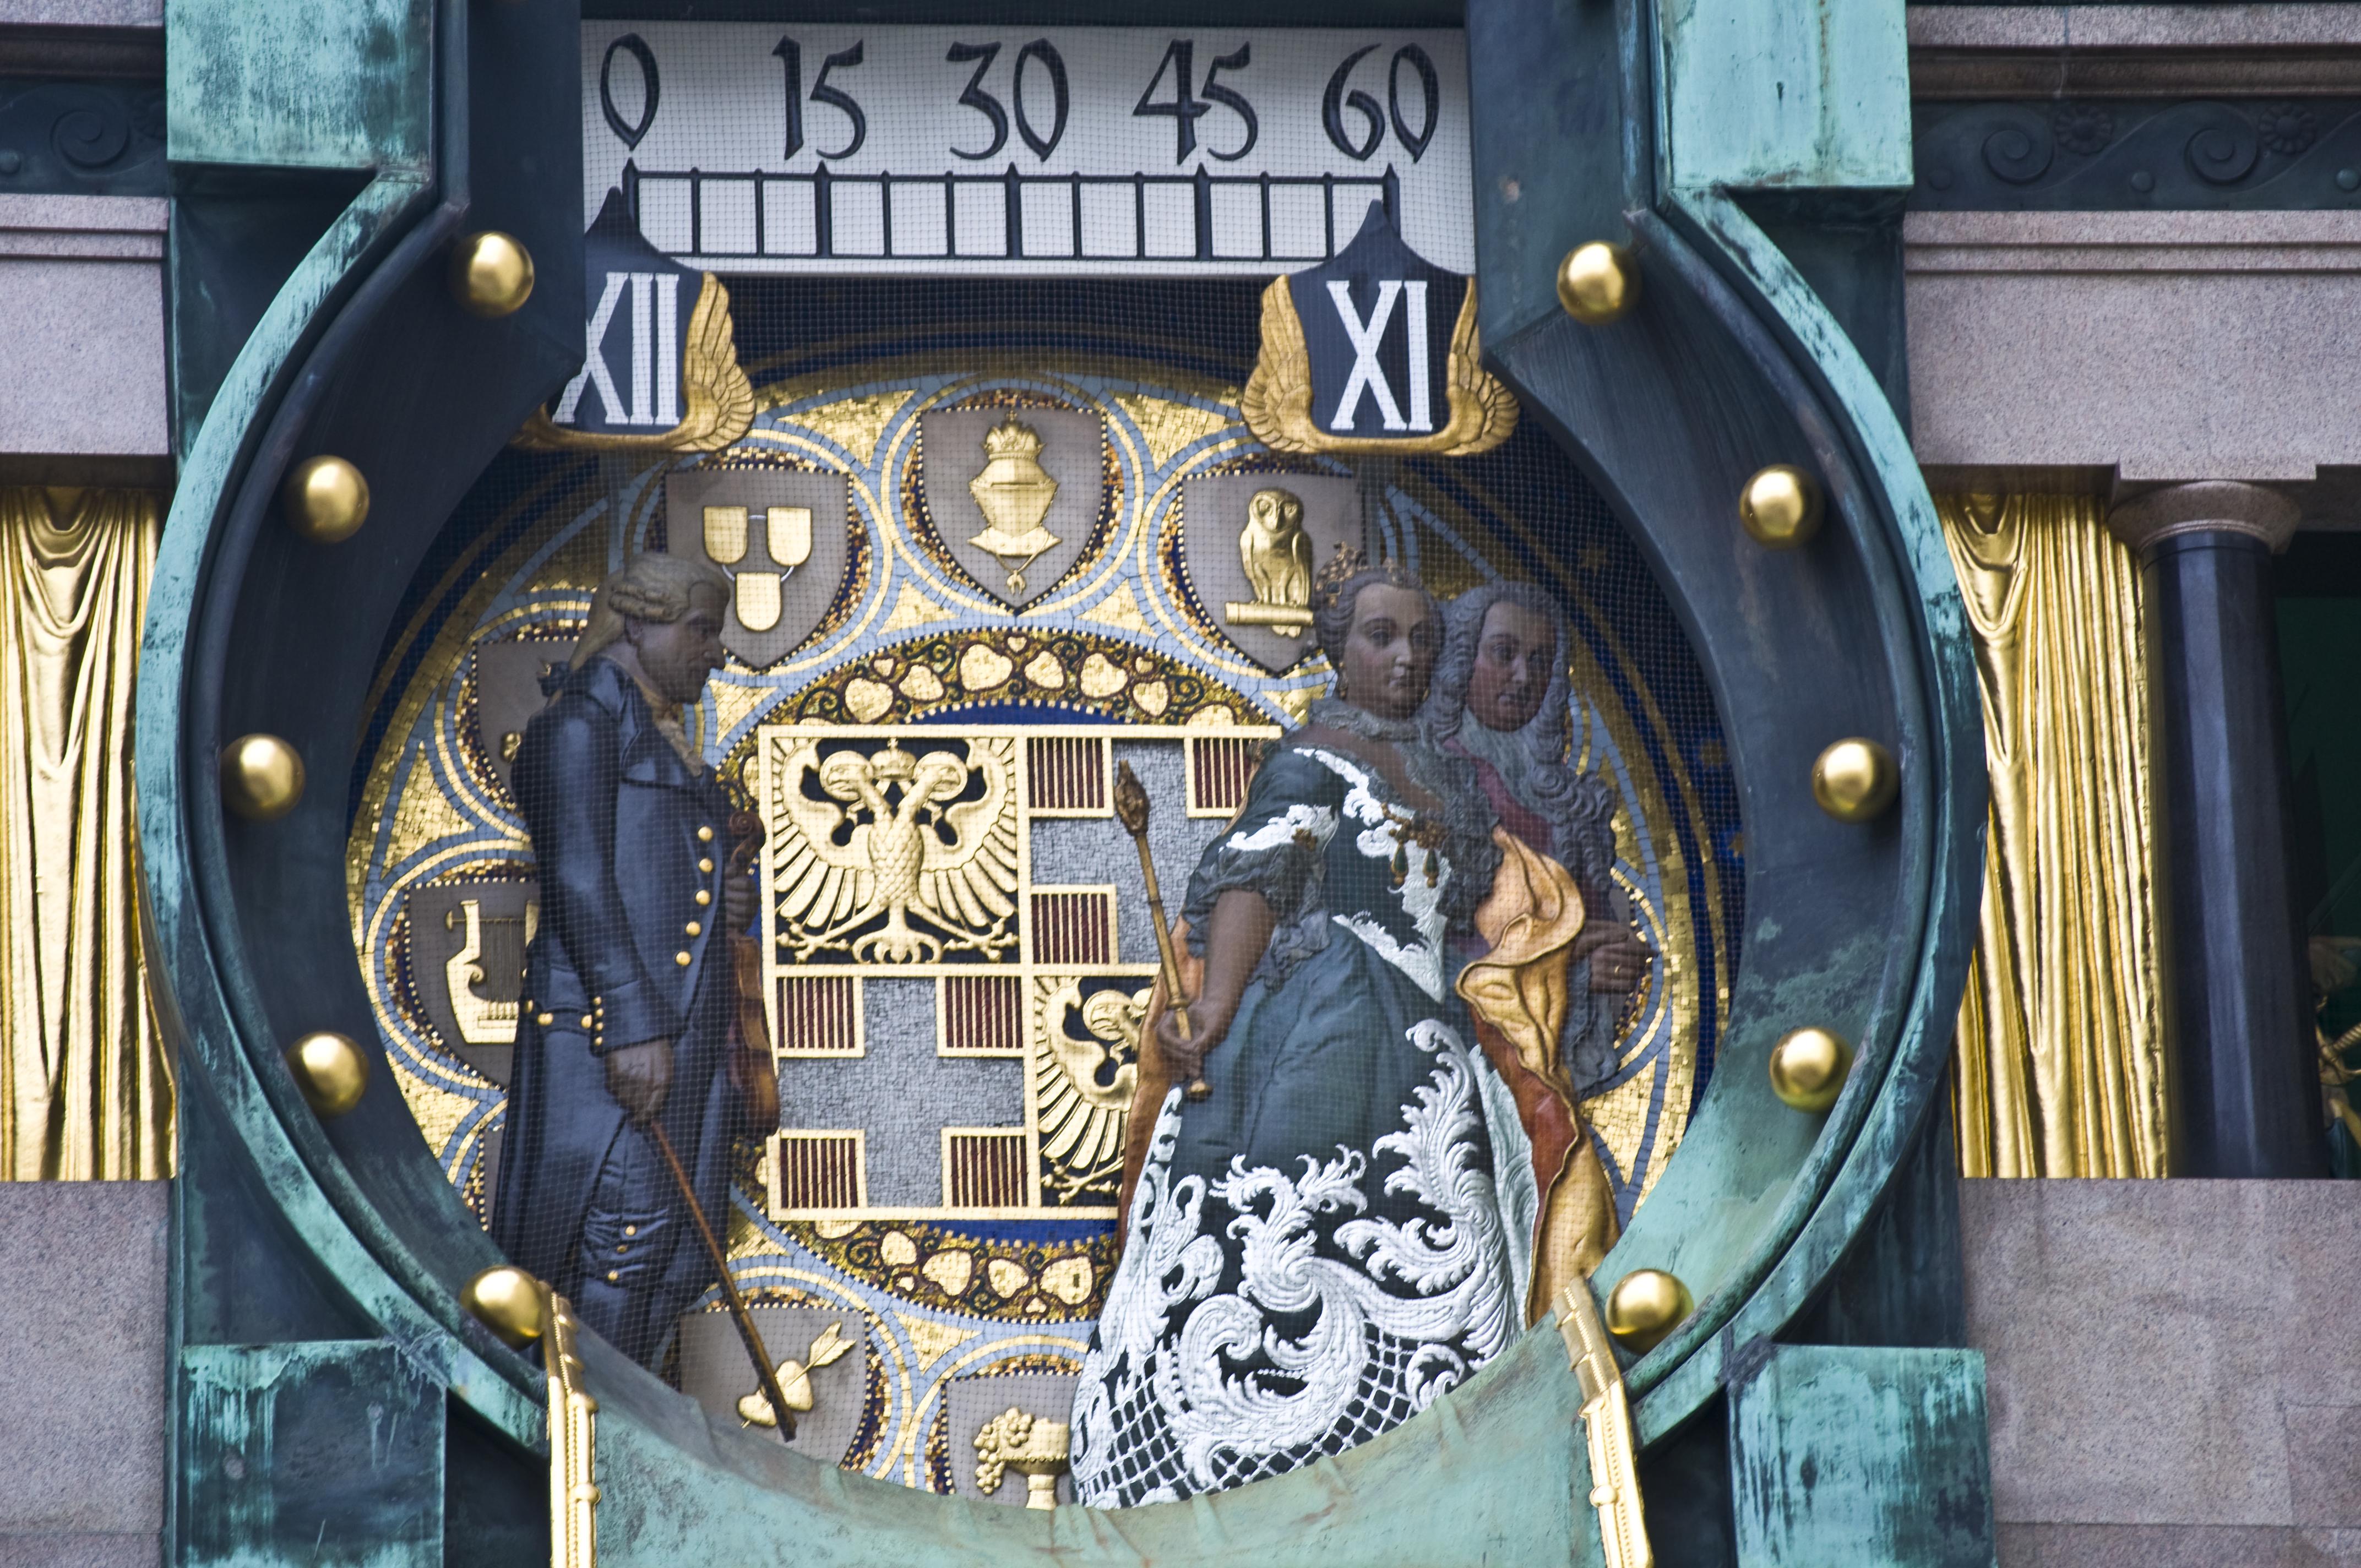 El ritual diario del reloj de Anker - Austria Circuito Viena y Budapest